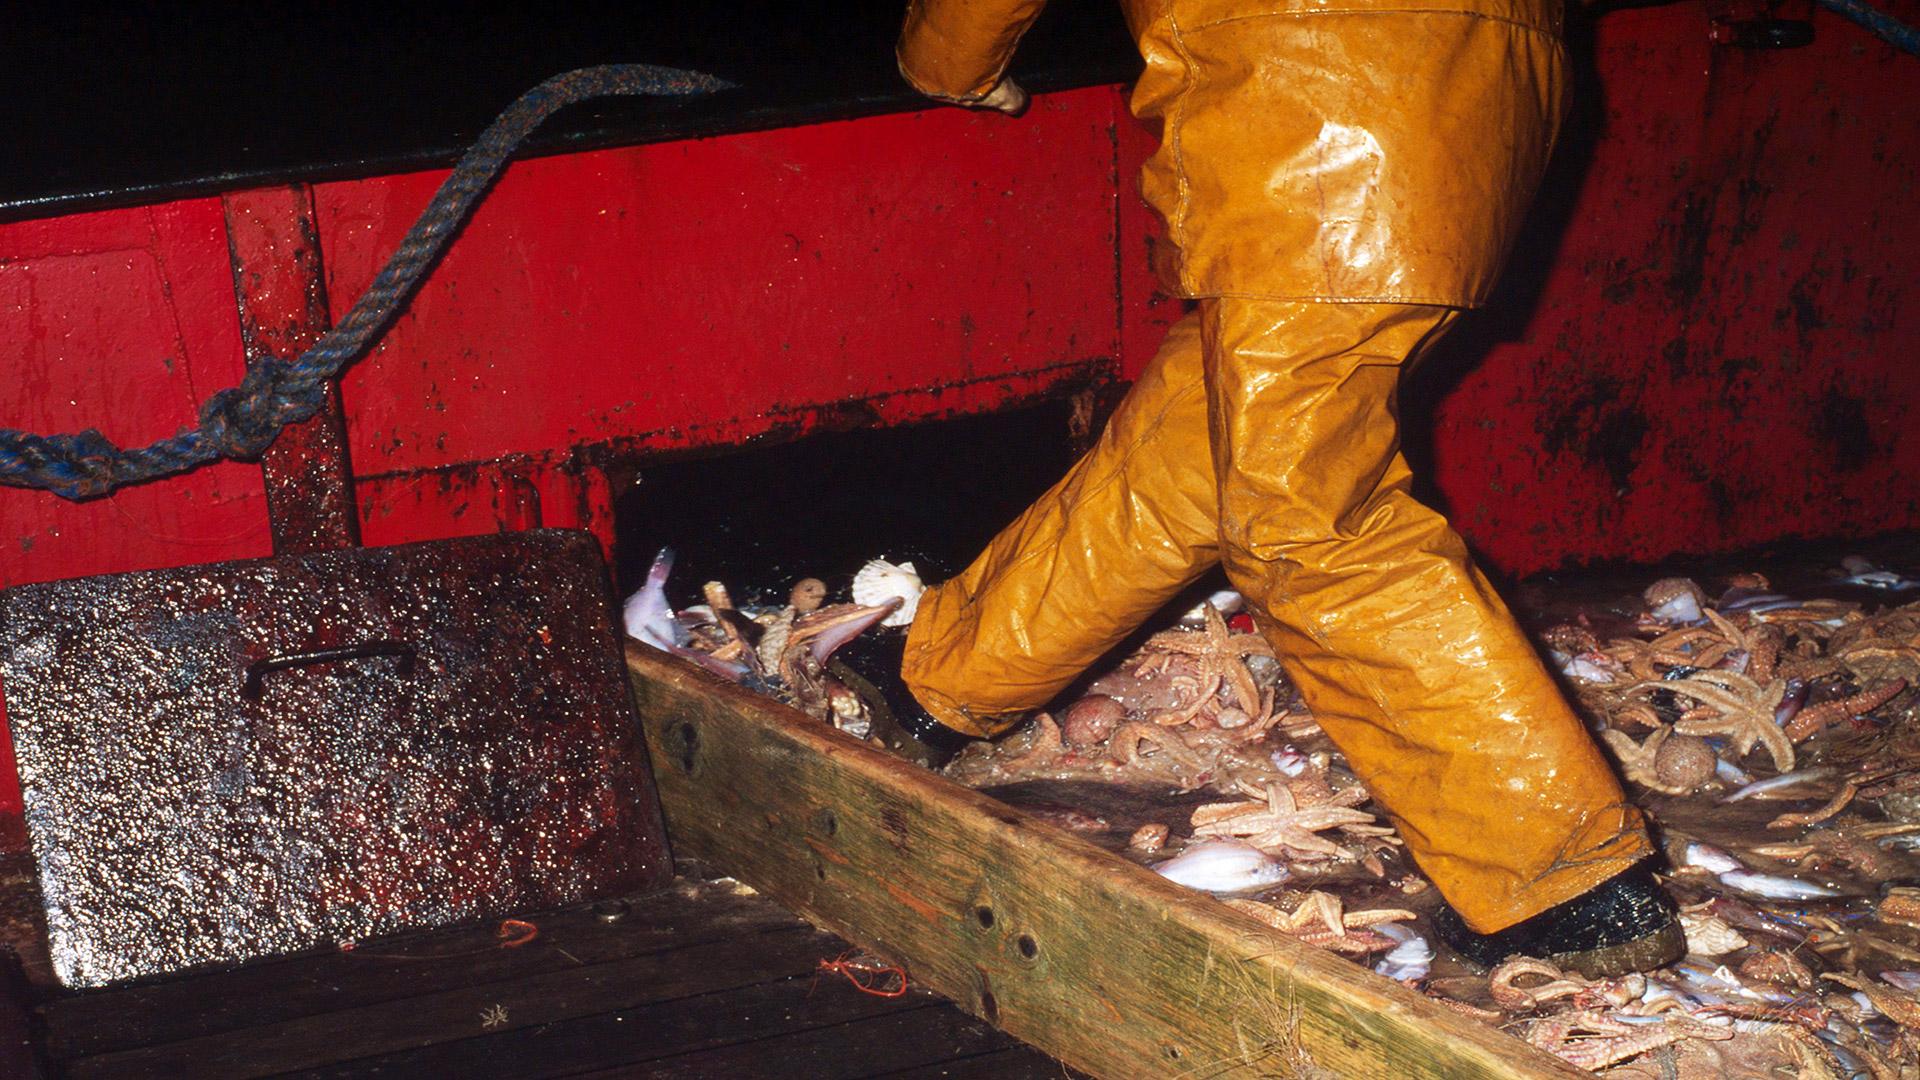 Für Shrimps etwa vier bis fünf Mal so viele andere Meerestiere als Beifang gefangen © Mike R. Jackson / WWF